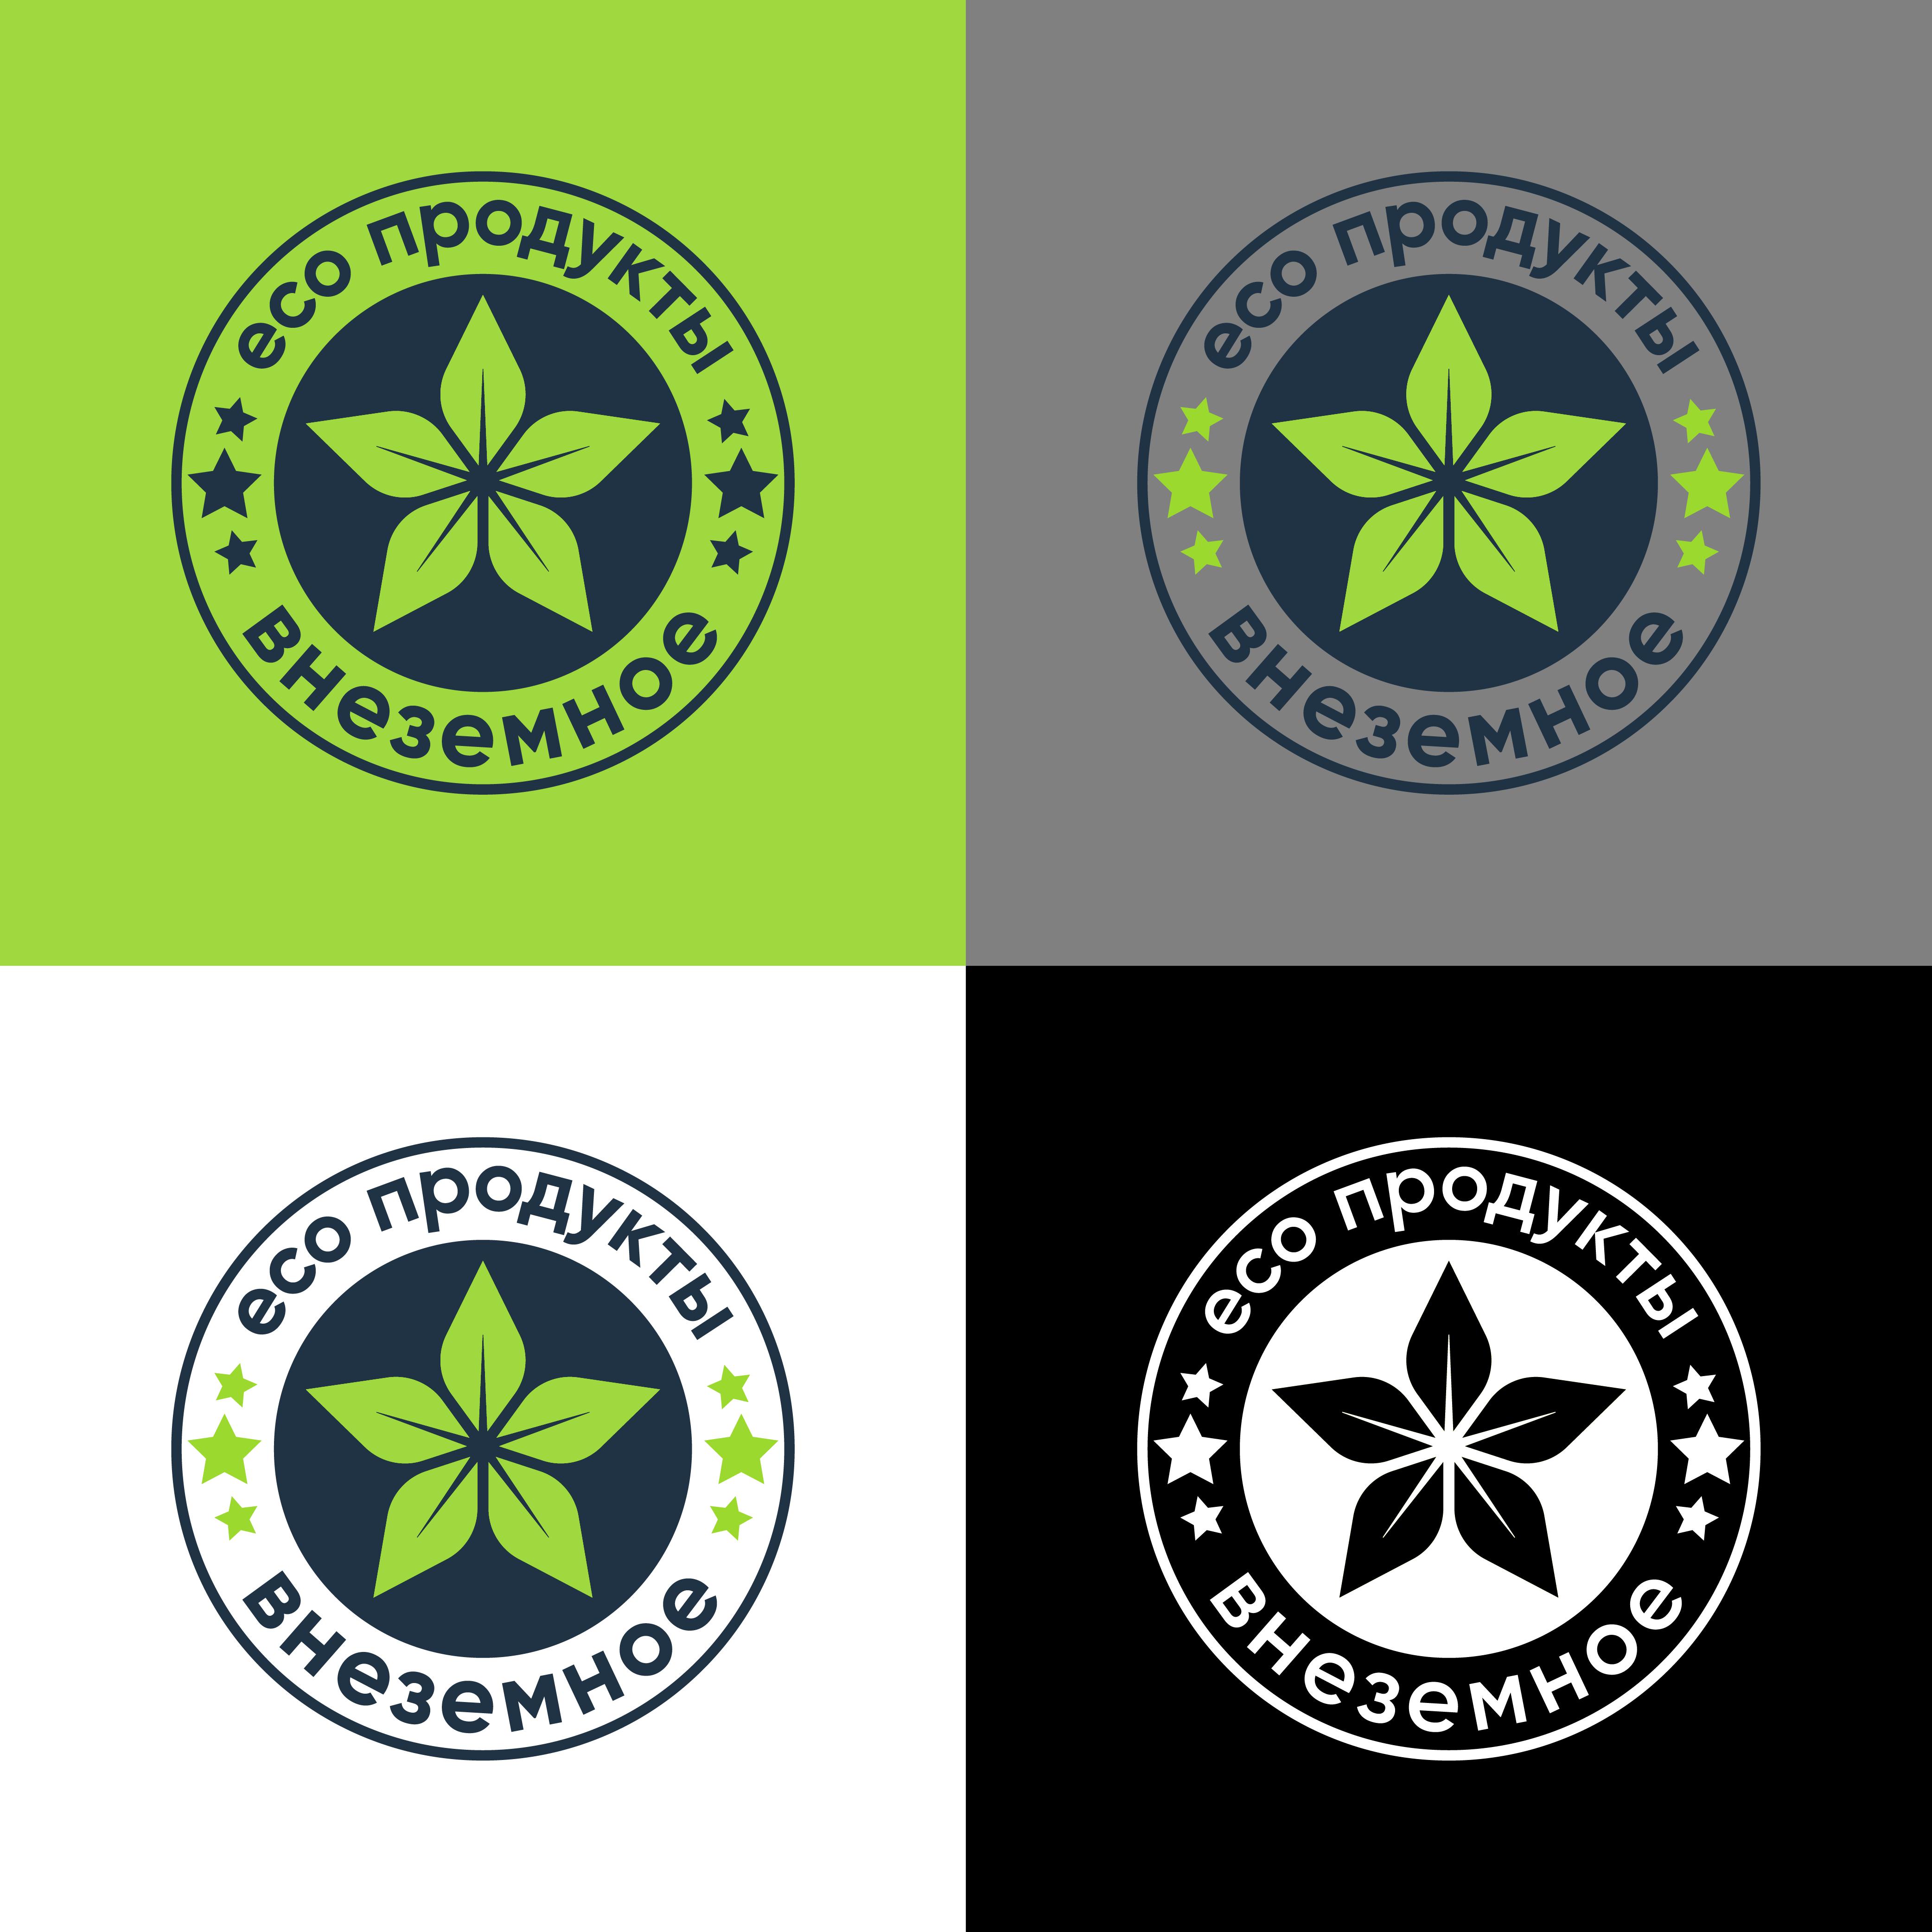 """Логотип и фирменный стиль """"Внеземное"""" фото f_4905e792601c3b5e.png"""